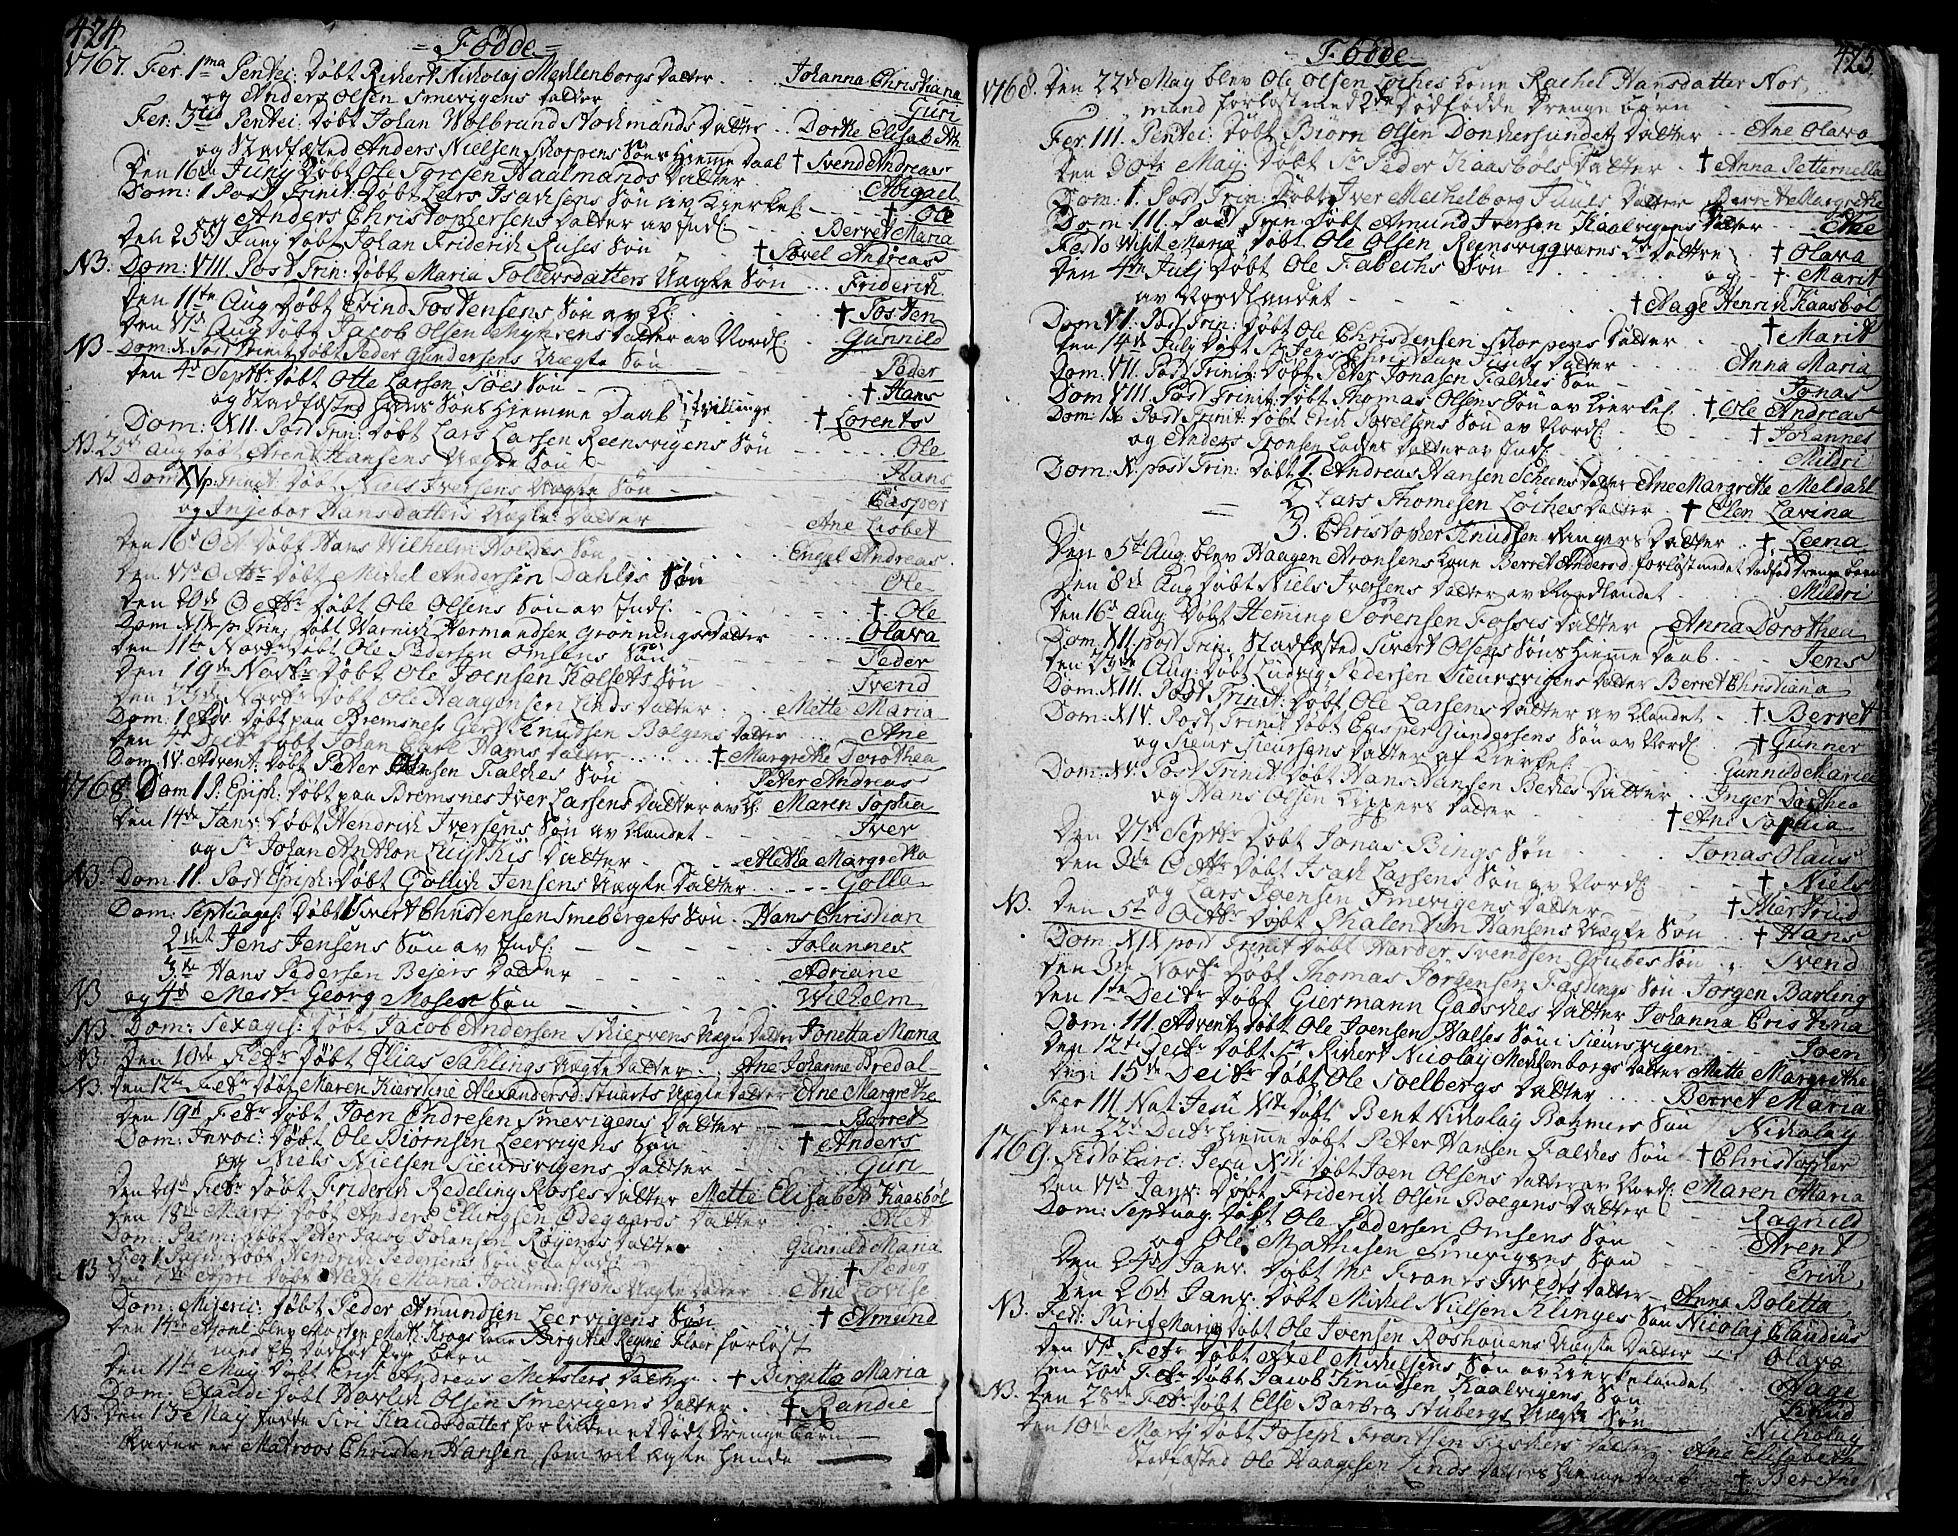 SAT, Ministerialprotokoller, klokkerbøker og fødselsregistre - Møre og Romsdal, 572/L0840: Ministerialbok nr. 572A03, 1754-1784, s. 424-425